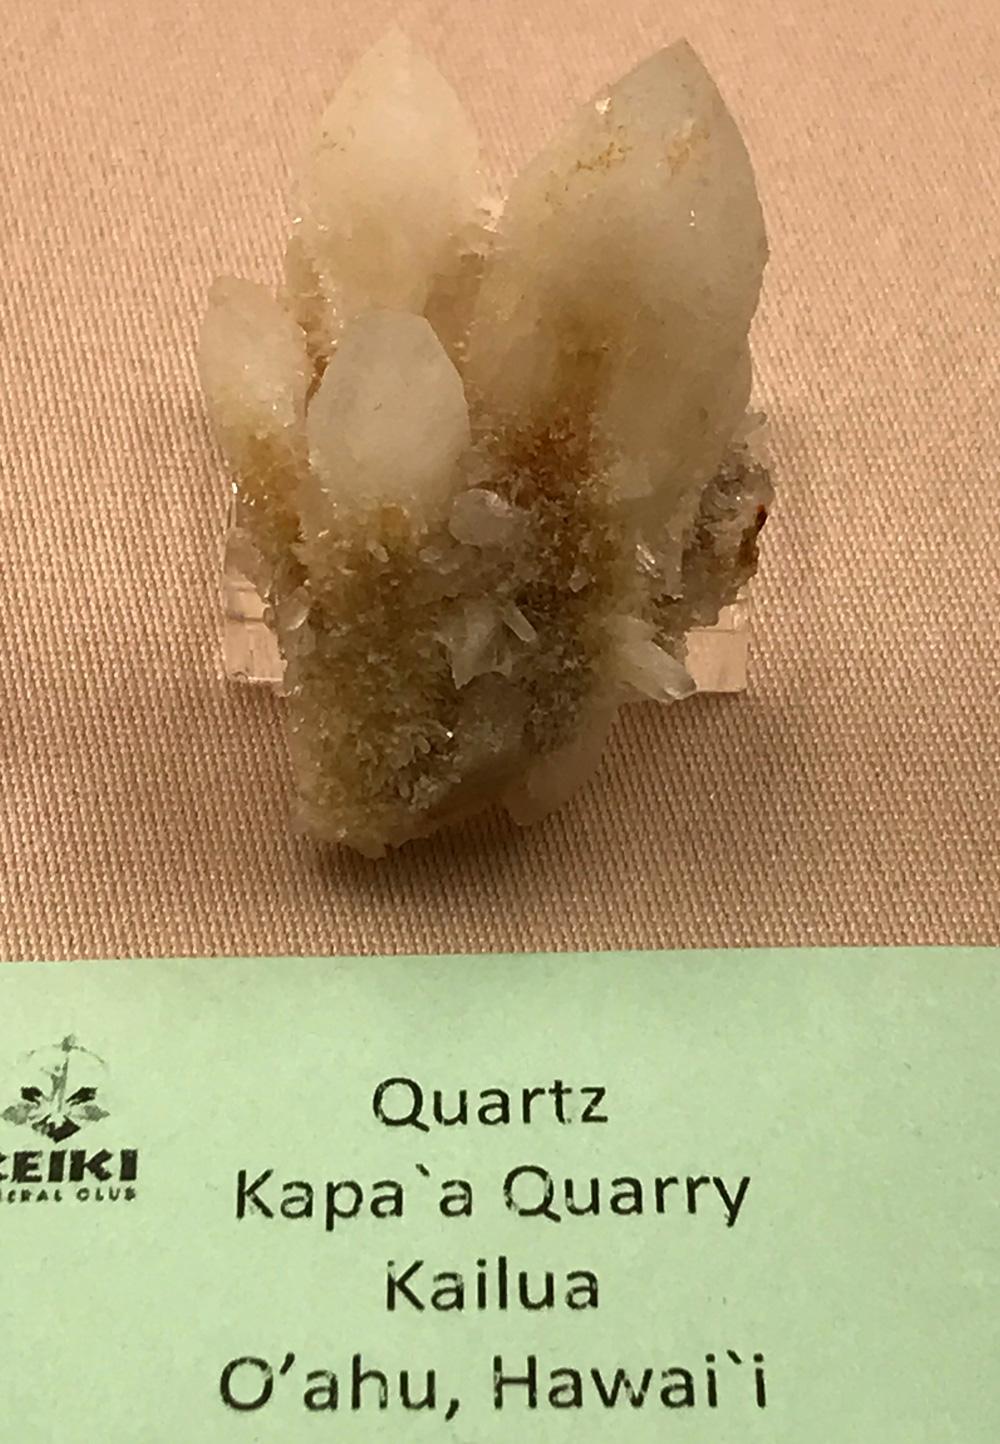 Quartz crystals from Hawaii